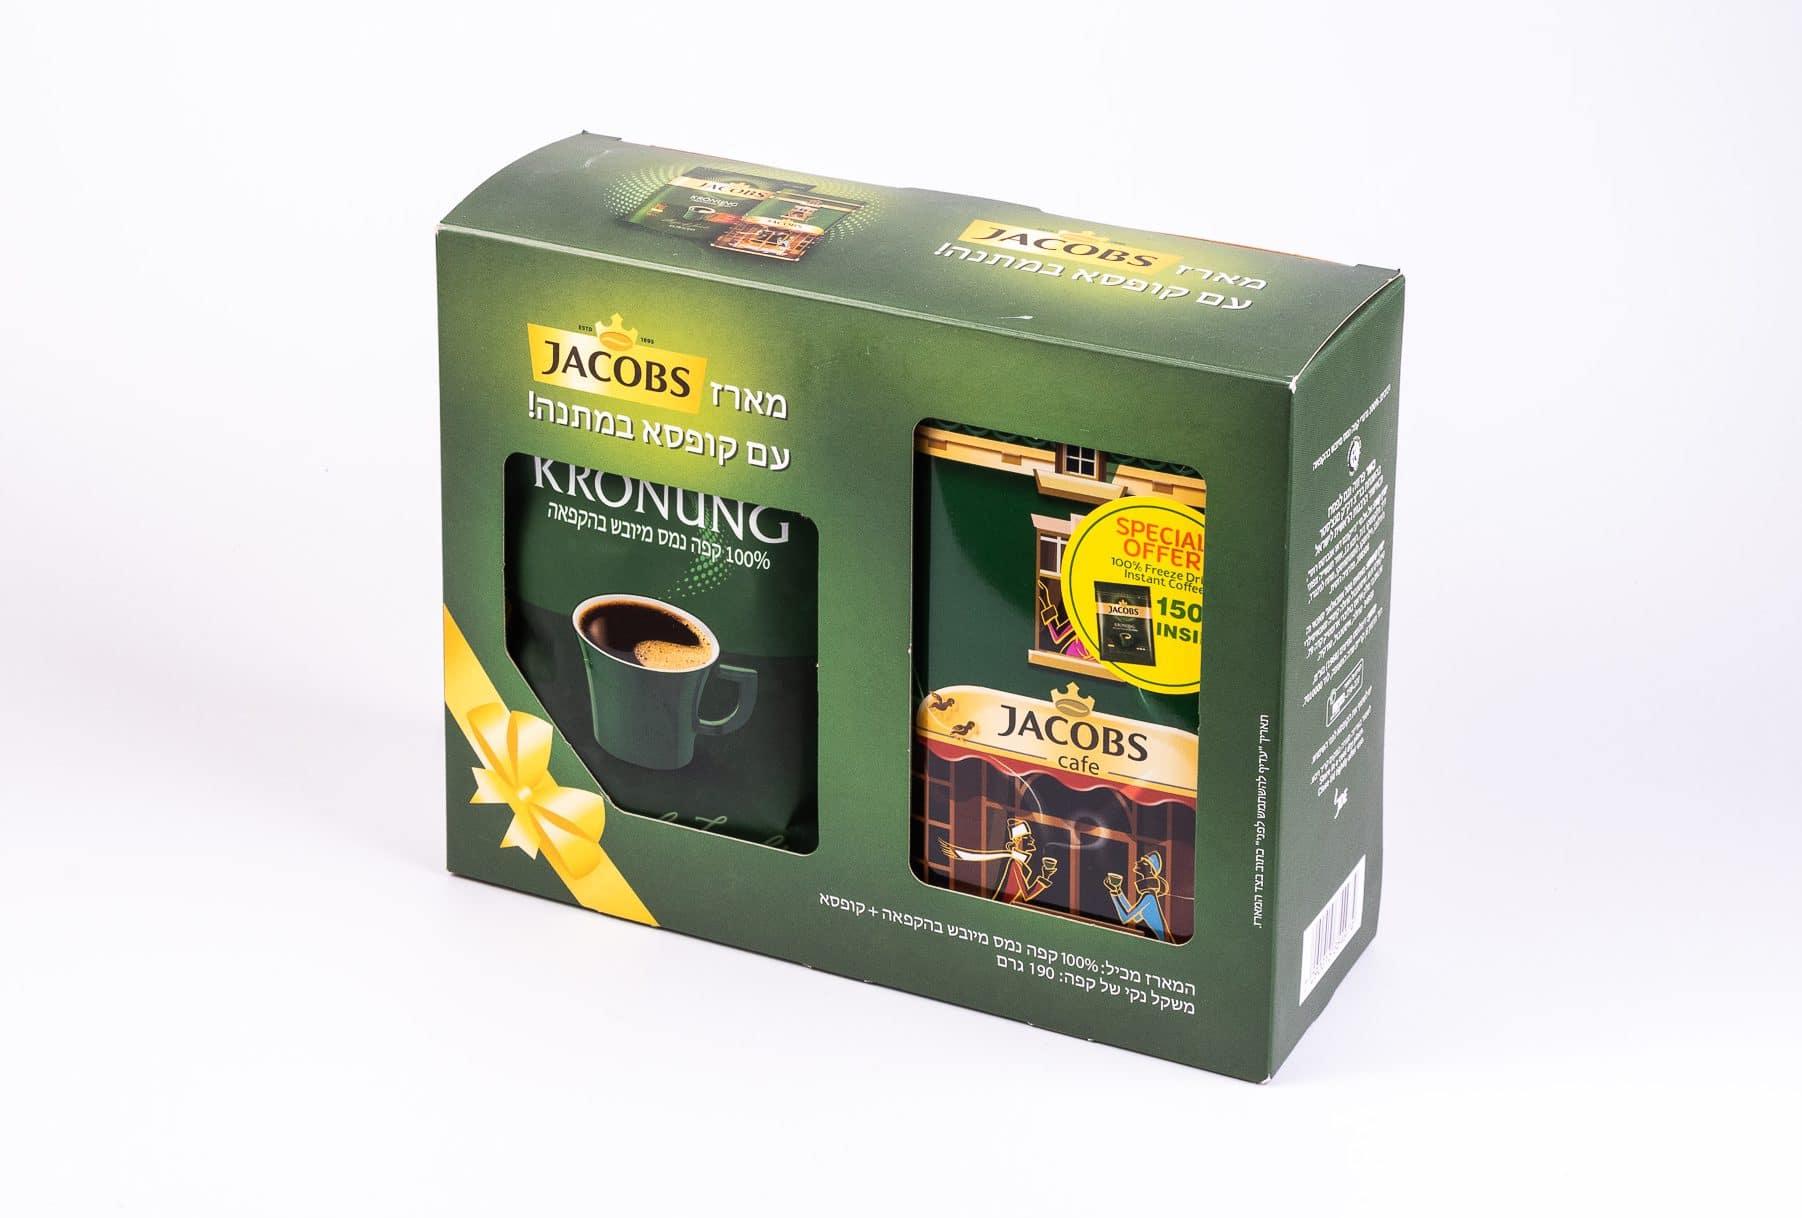 אריזות מקרטון דופלקס לקפה שחור של חברת JACOBS. השבחות הדפוס: הטבעת פויל ולכה סלקטיבית.